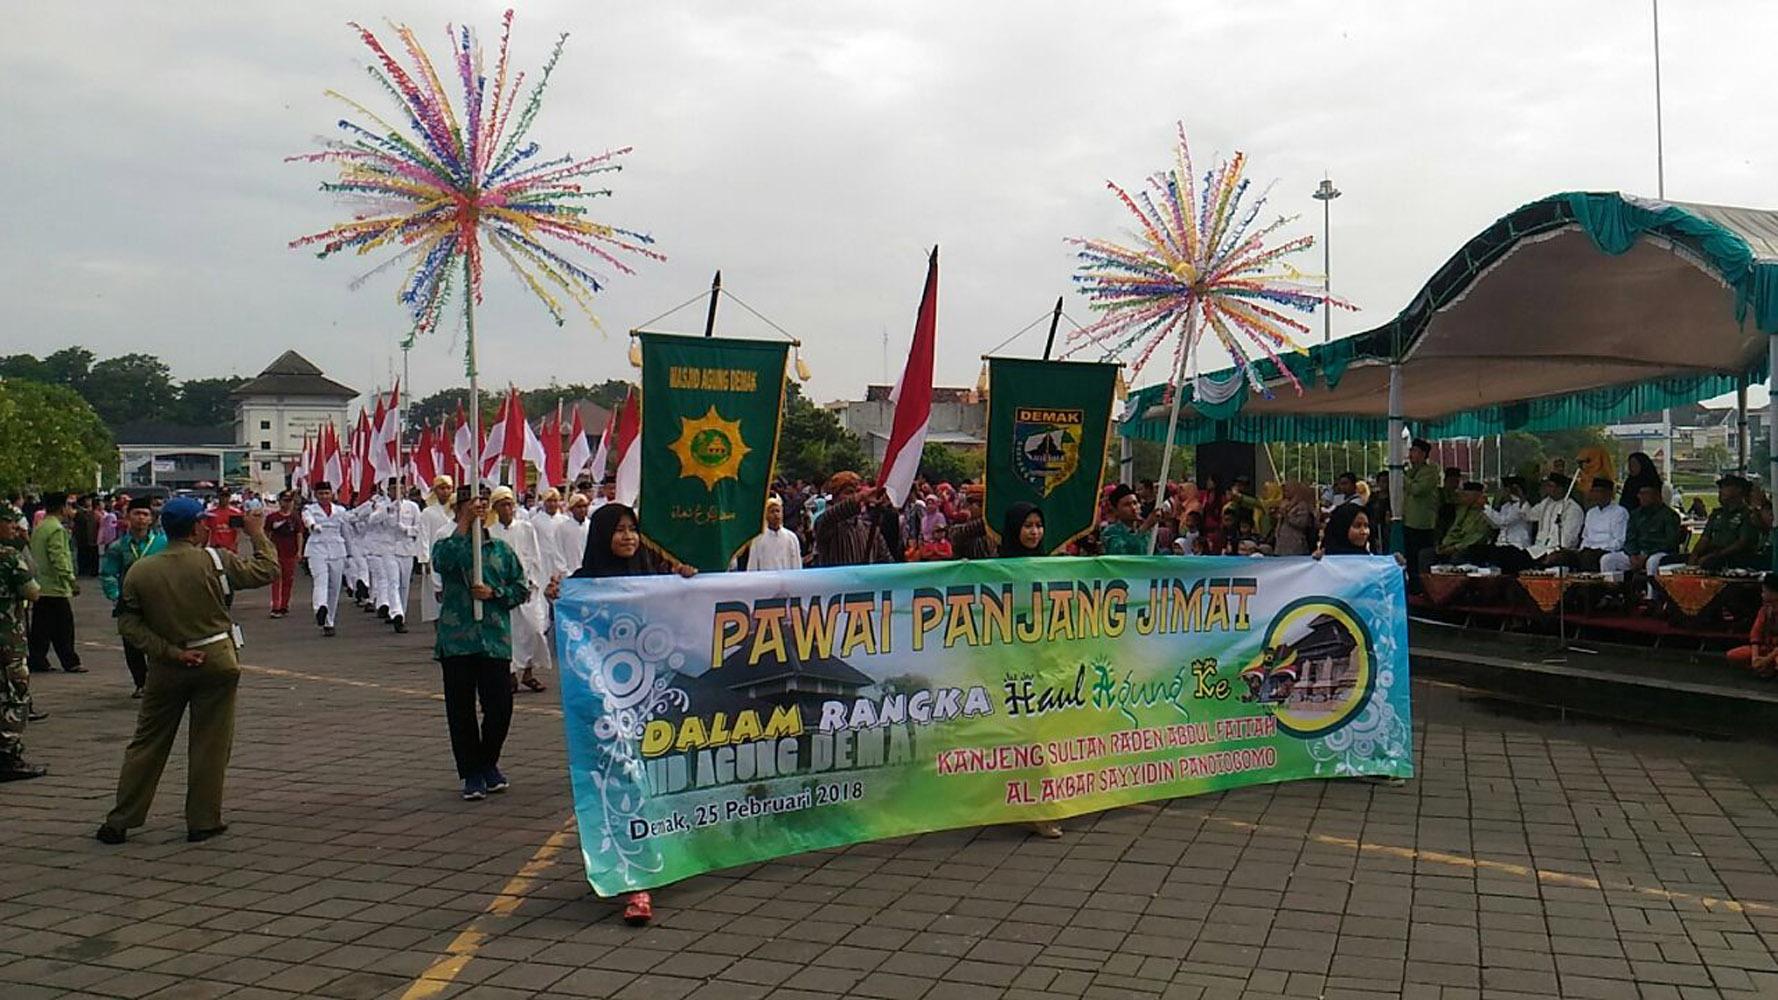 Pawai Panjang Jimat Kabupaten Demak Peringati Haul Agung Kanjeng Raden Patah